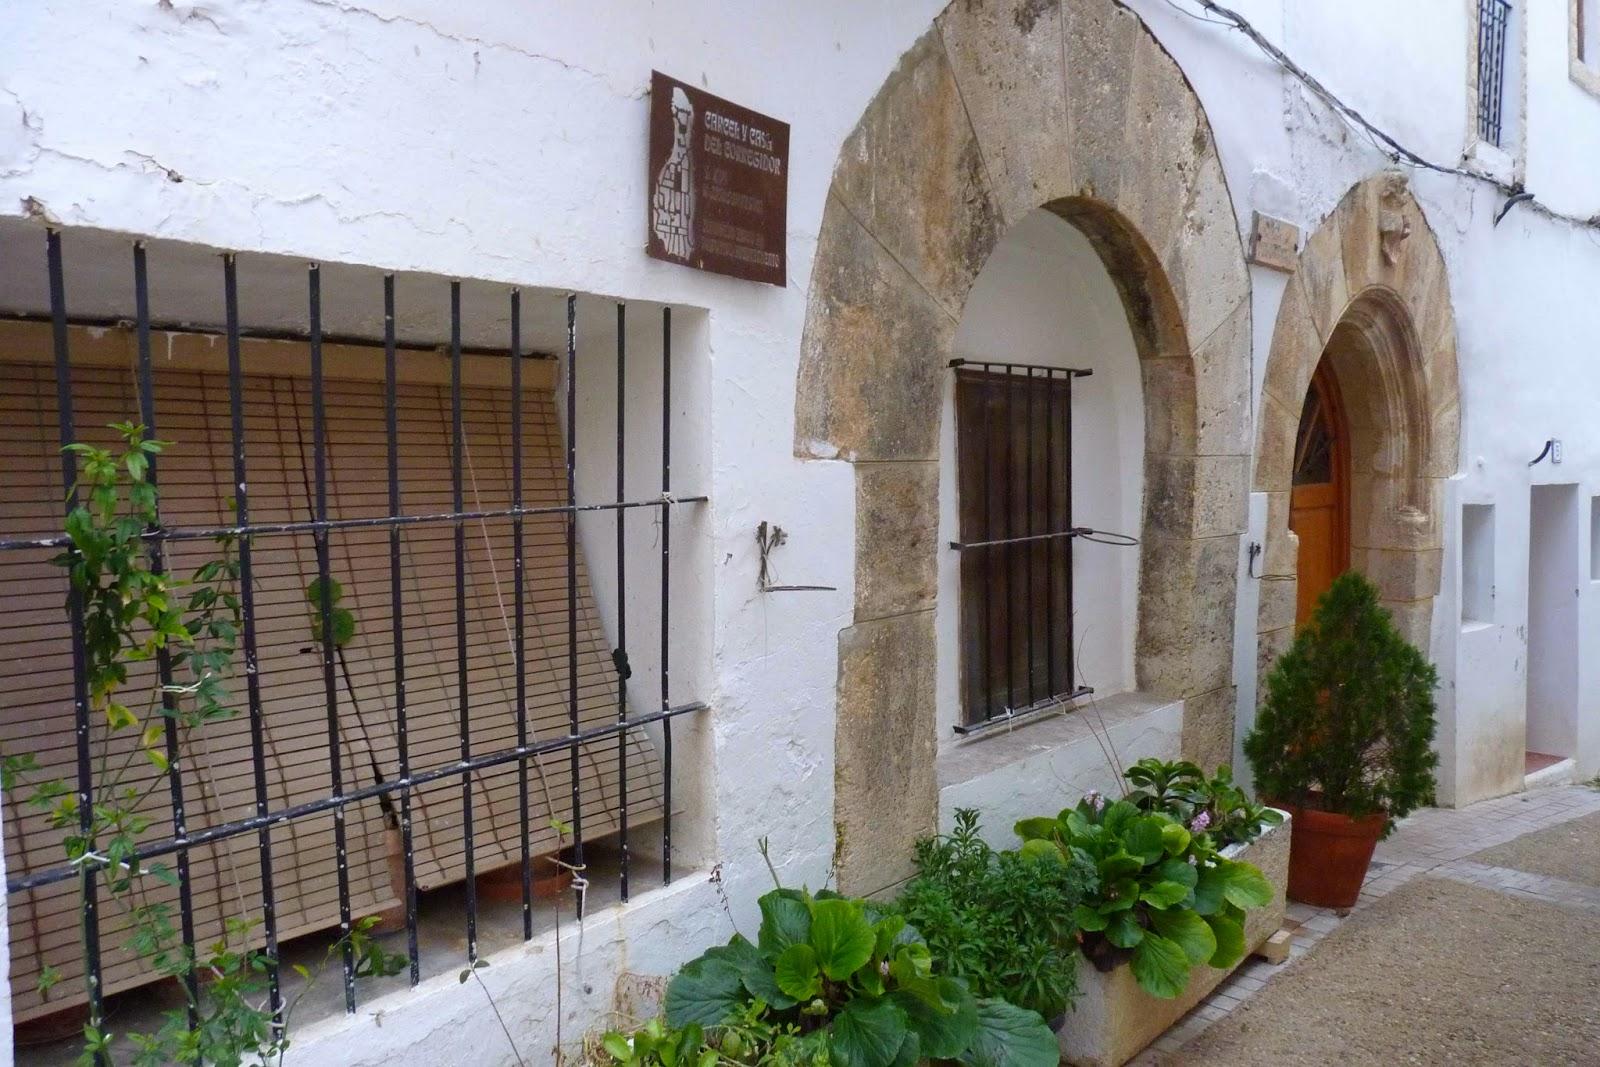 Calle de la Cárcel, Requena.